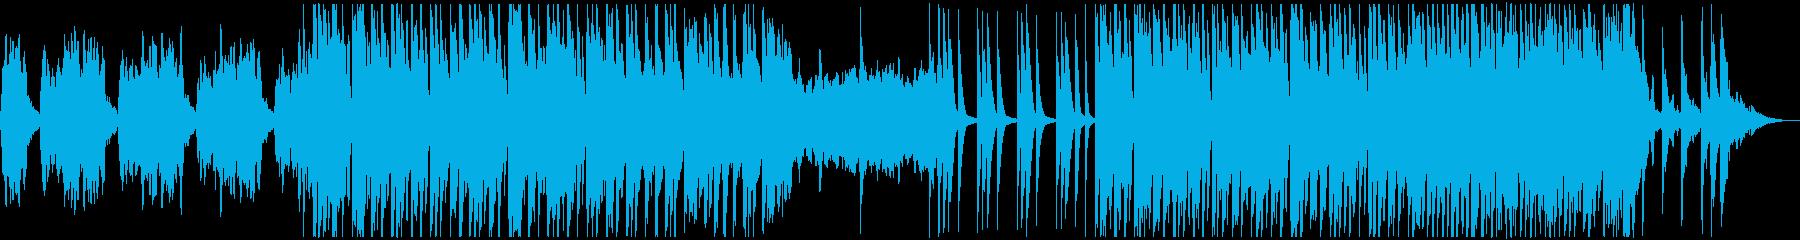 アラビアンなあやしげ官能的なBGMの再生済みの波形